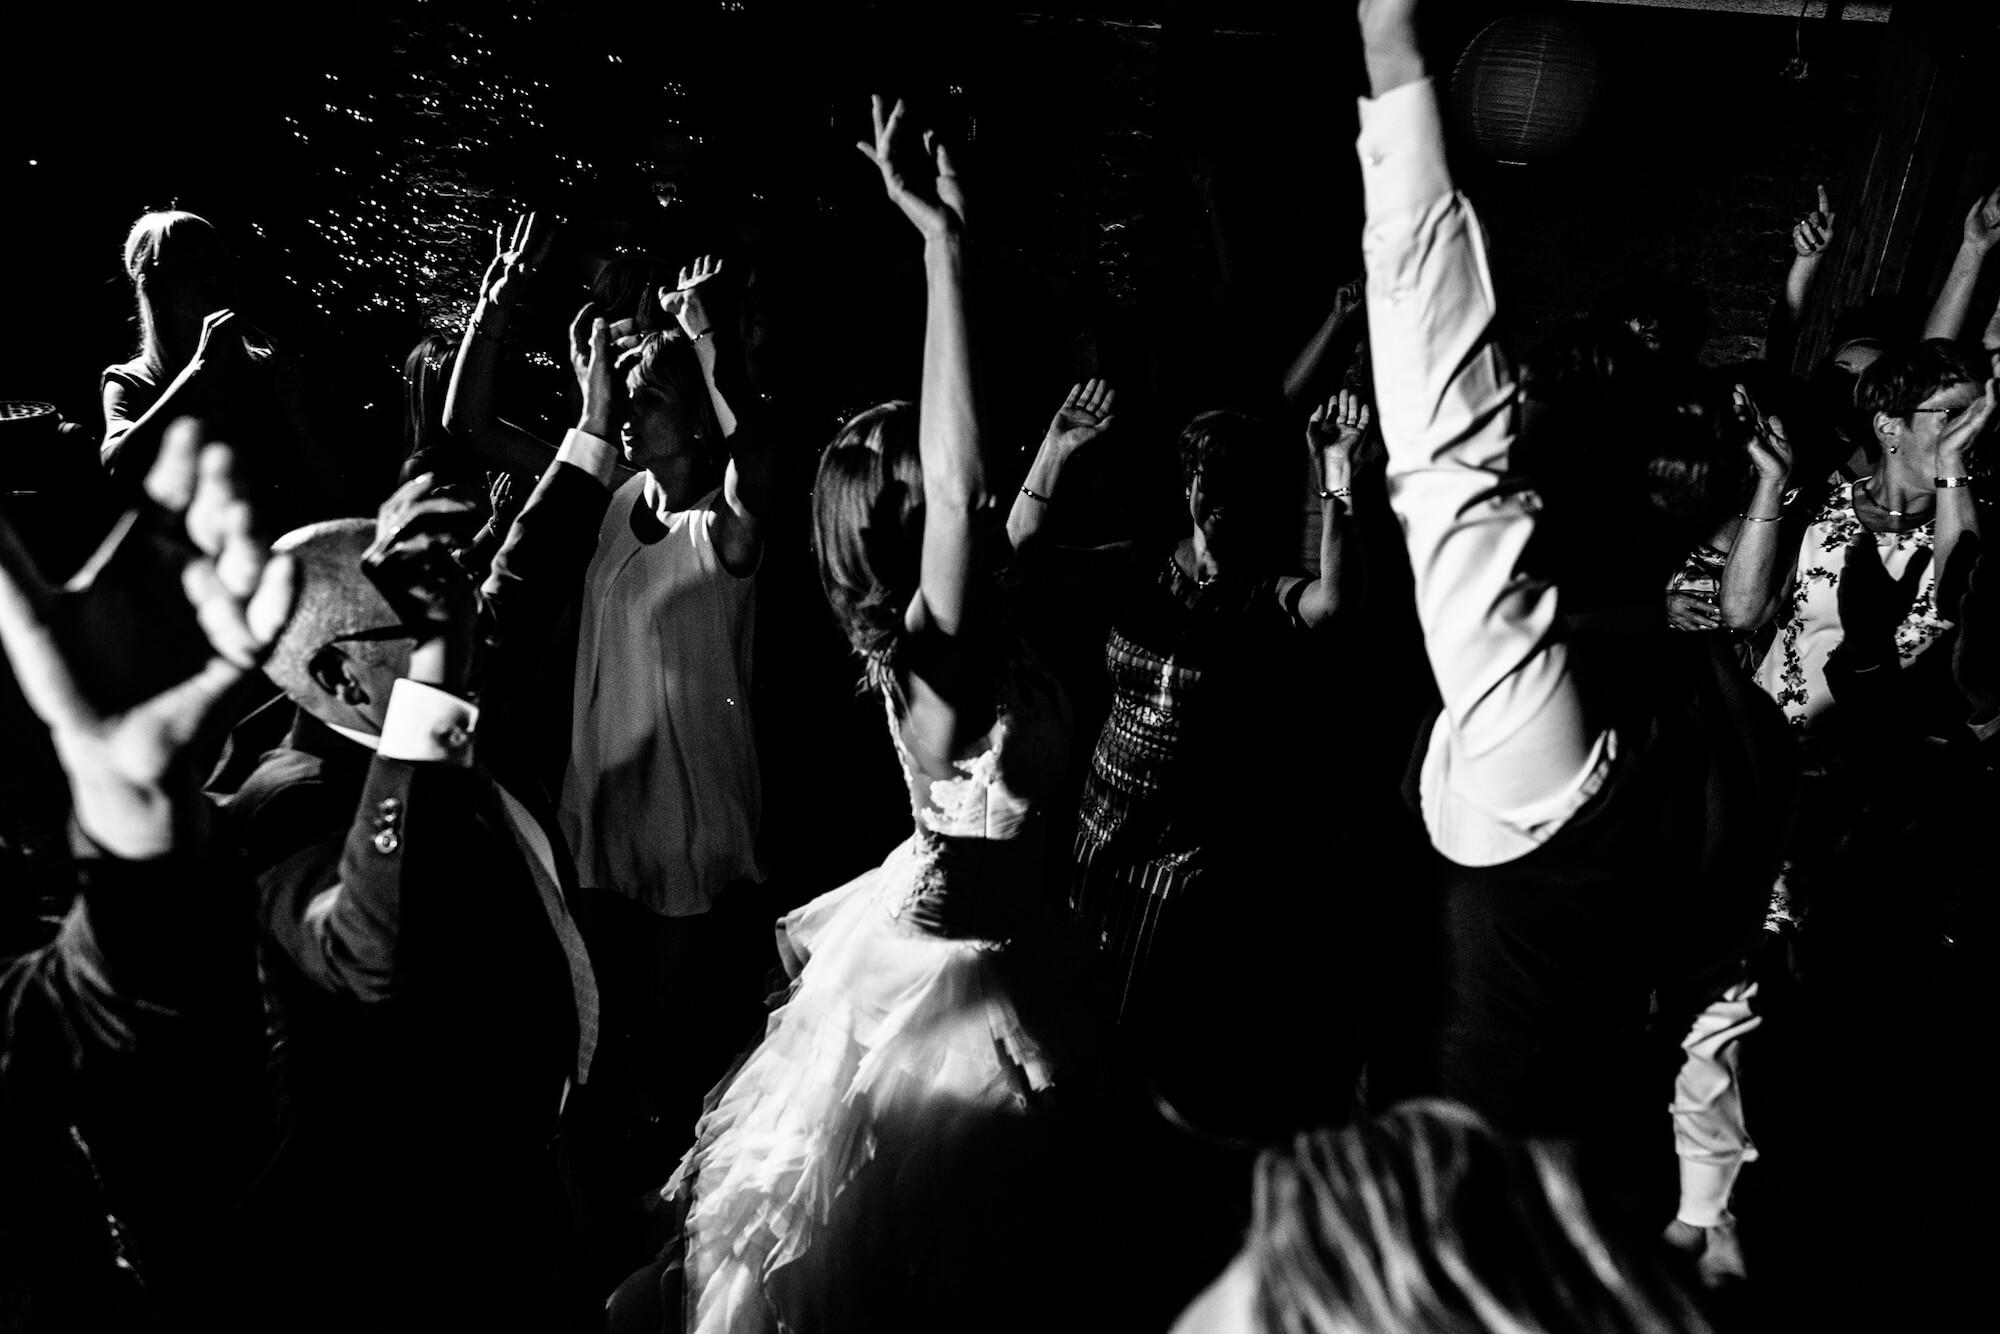 kasteelhoeve-geldrop-bruidsfotograaf-23.jpg